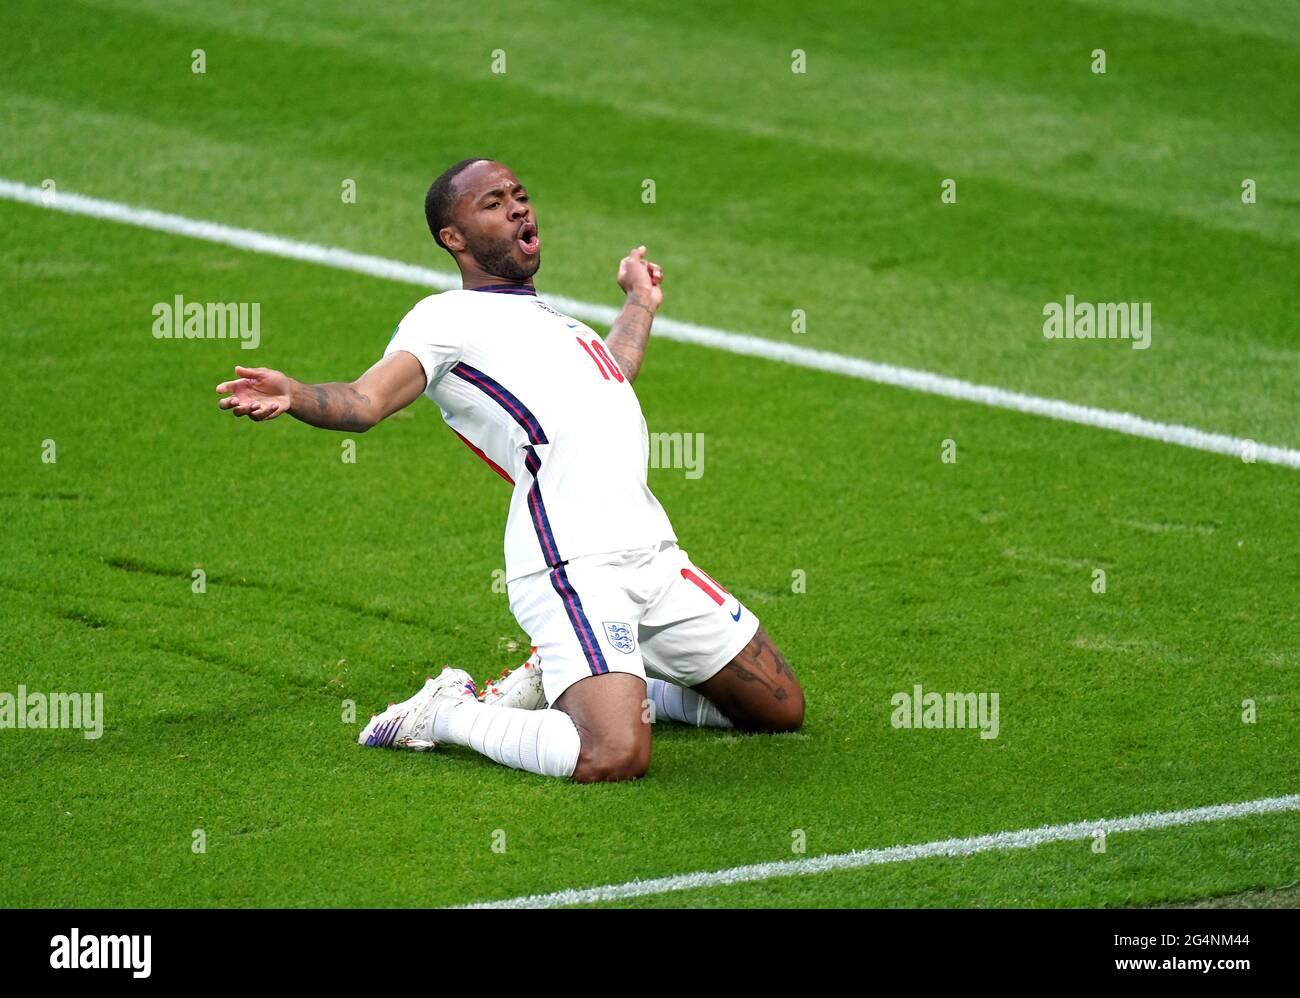 Der englische Raheem Sterling feiert das erste Tor seiner Mannschaft während des UEFA Euro 2020 Gruppe D-Spiels im Wembley Stadium, London. Bilddatum: Dienstag, 22. Juni 2021. Stockfoto